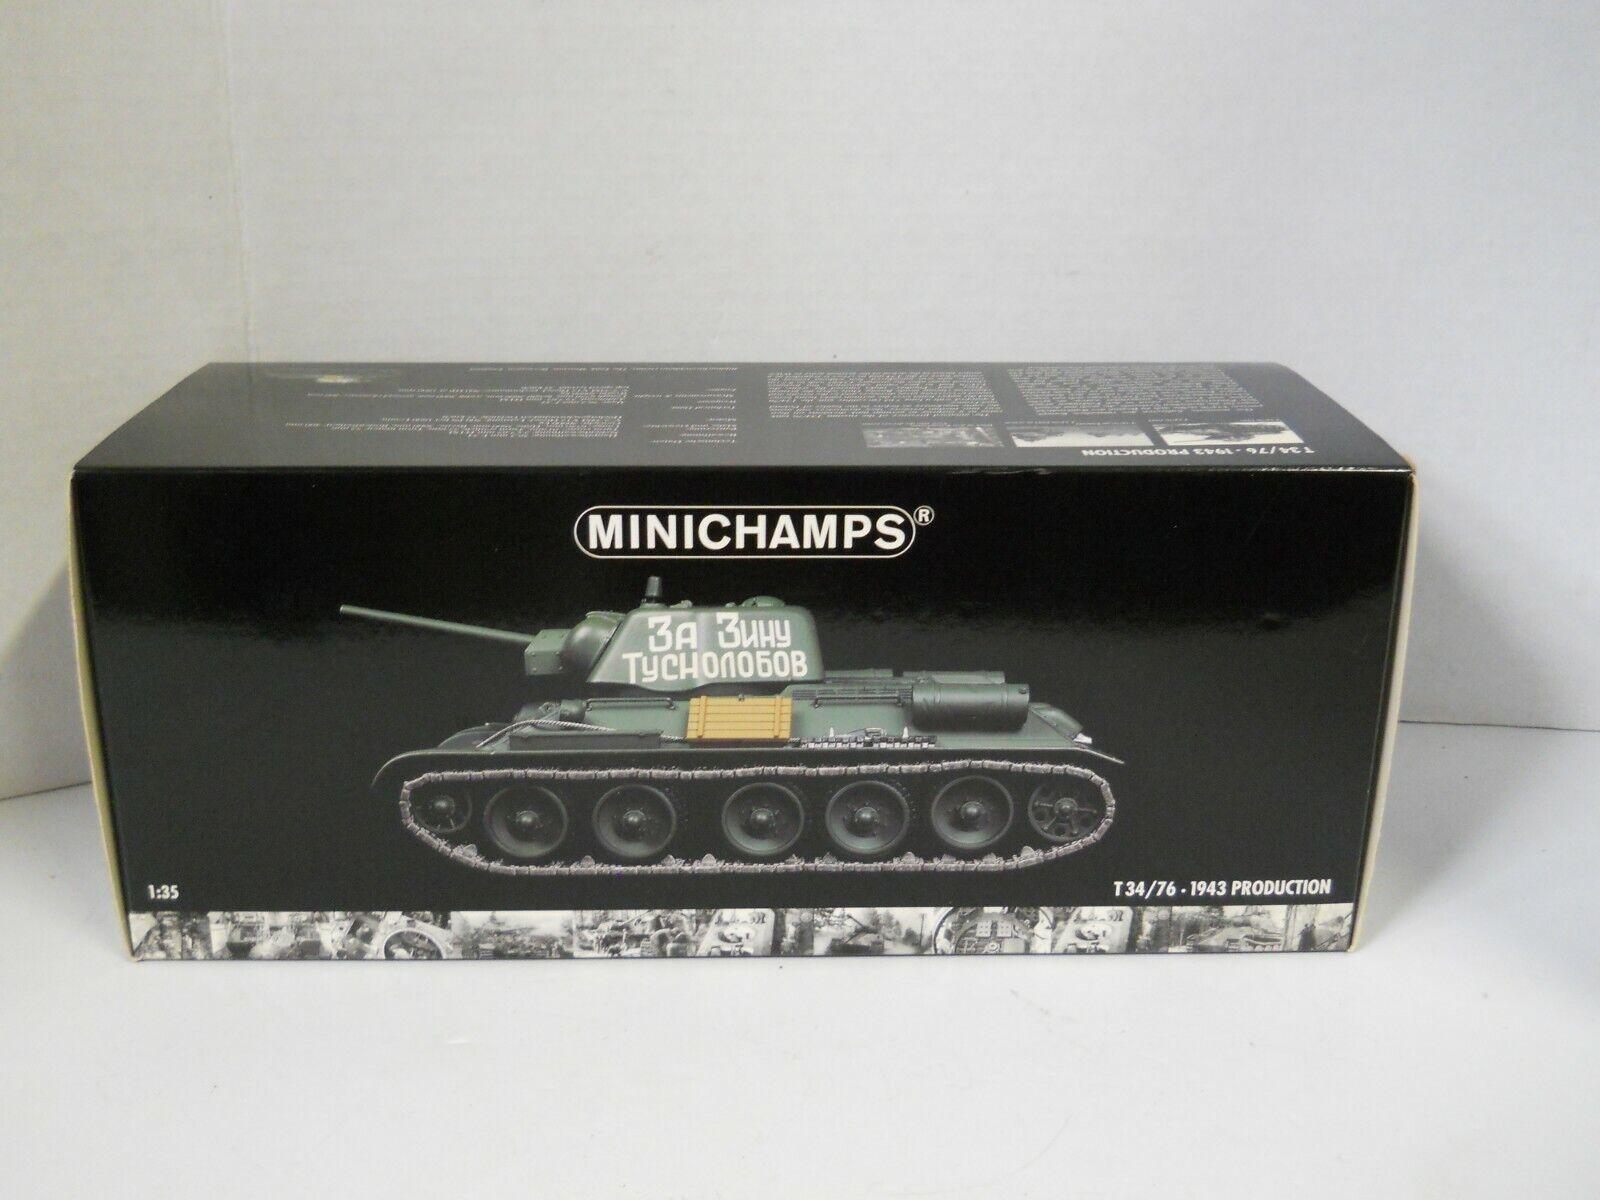 MINICHAMPS T34 76-1943 Production 1 35 Scale Die-Cast Medium Tank  réplique avec boite  la meilleure sélection de